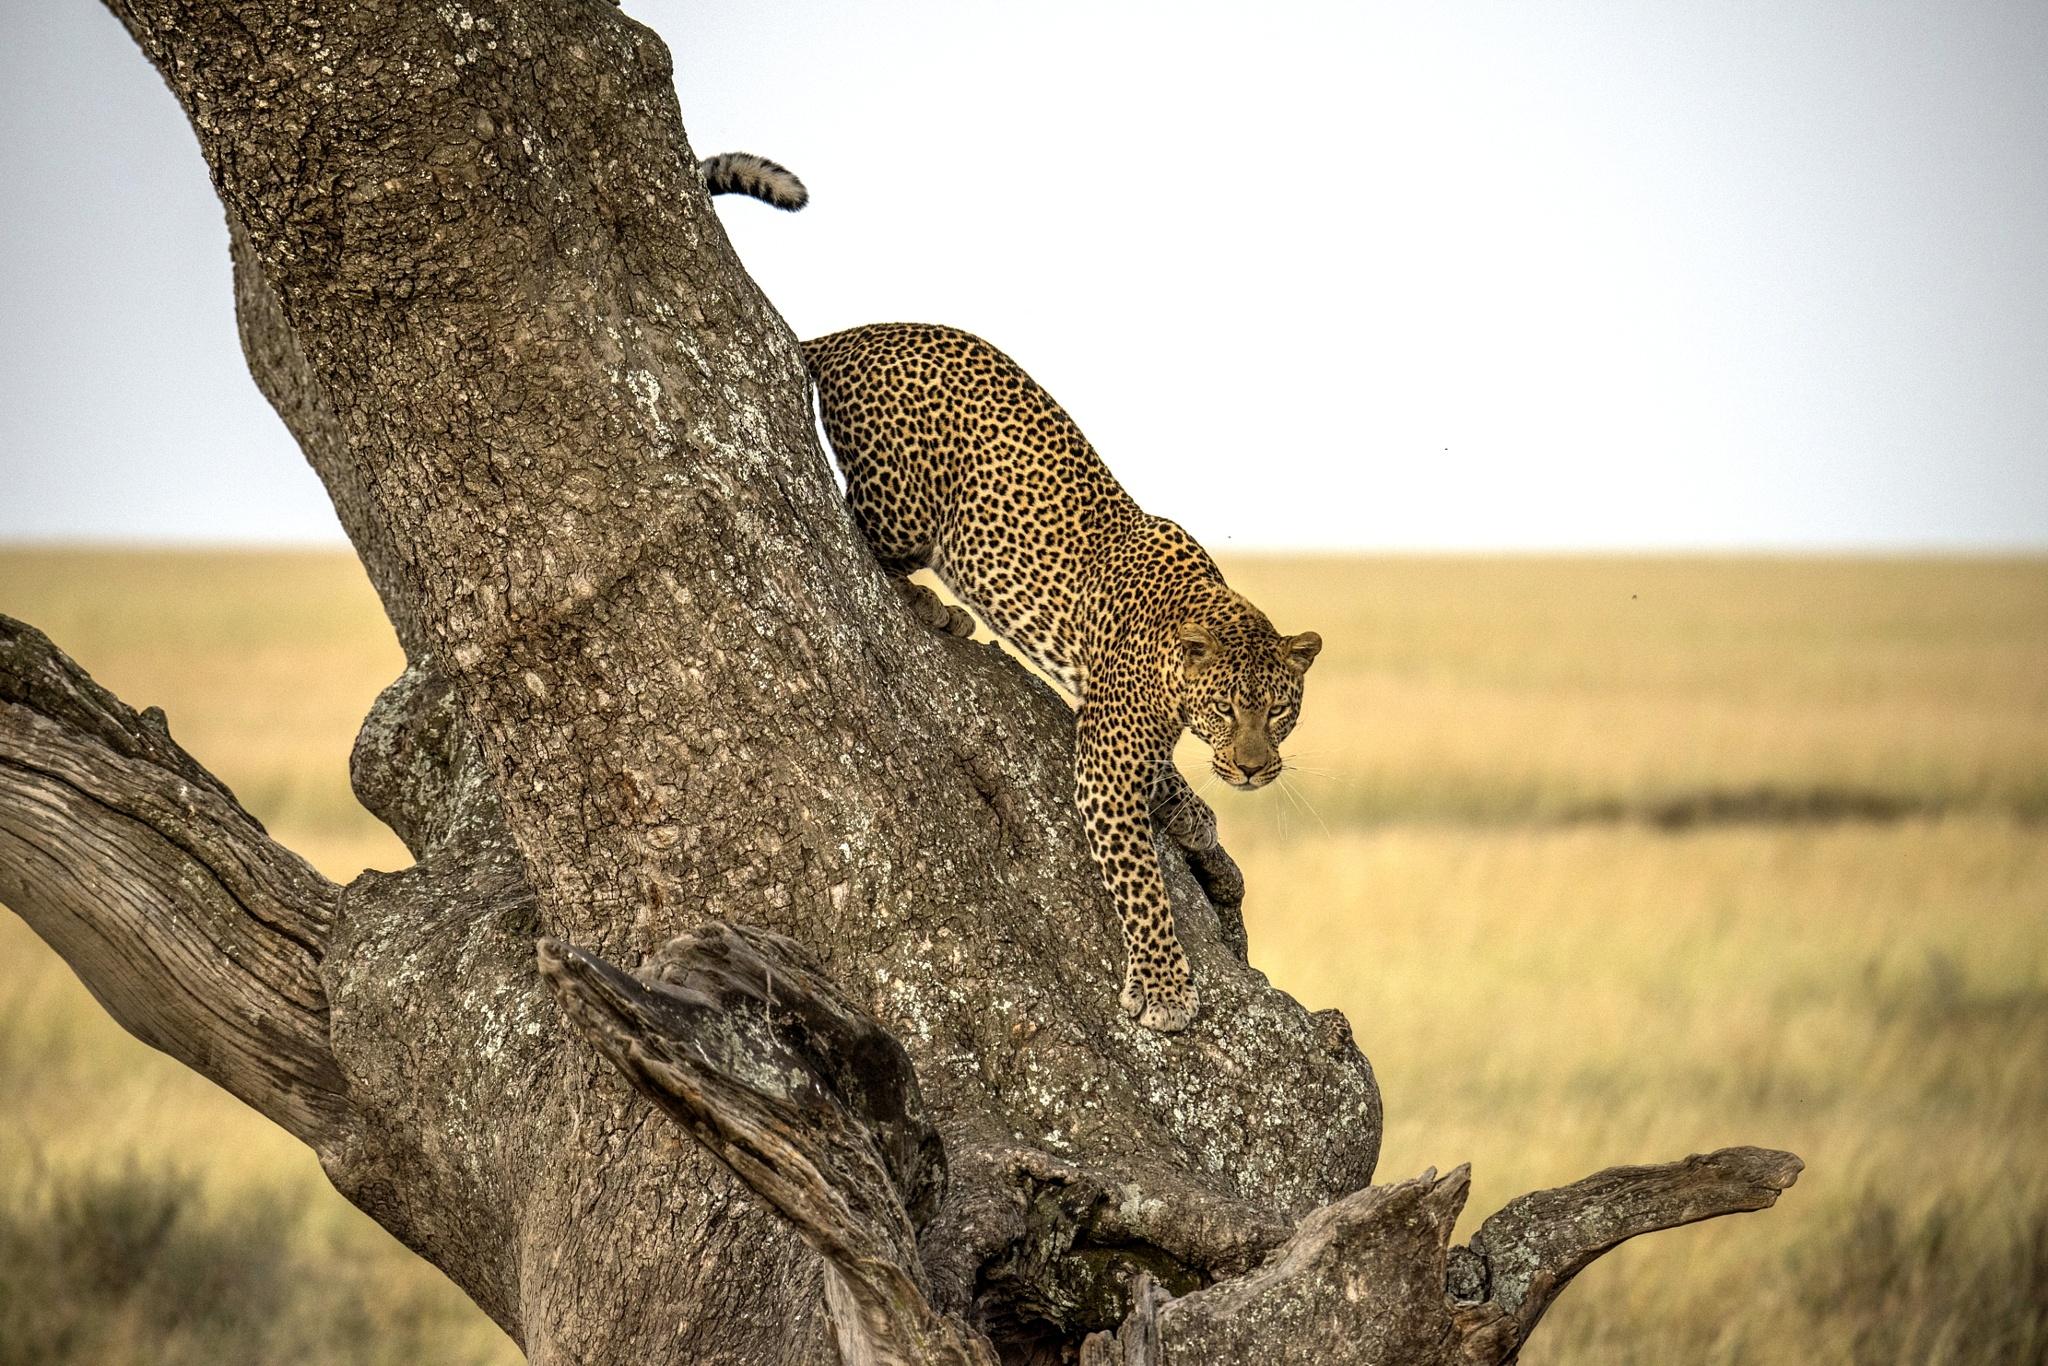 Leopard by Giuseppe D'Amico